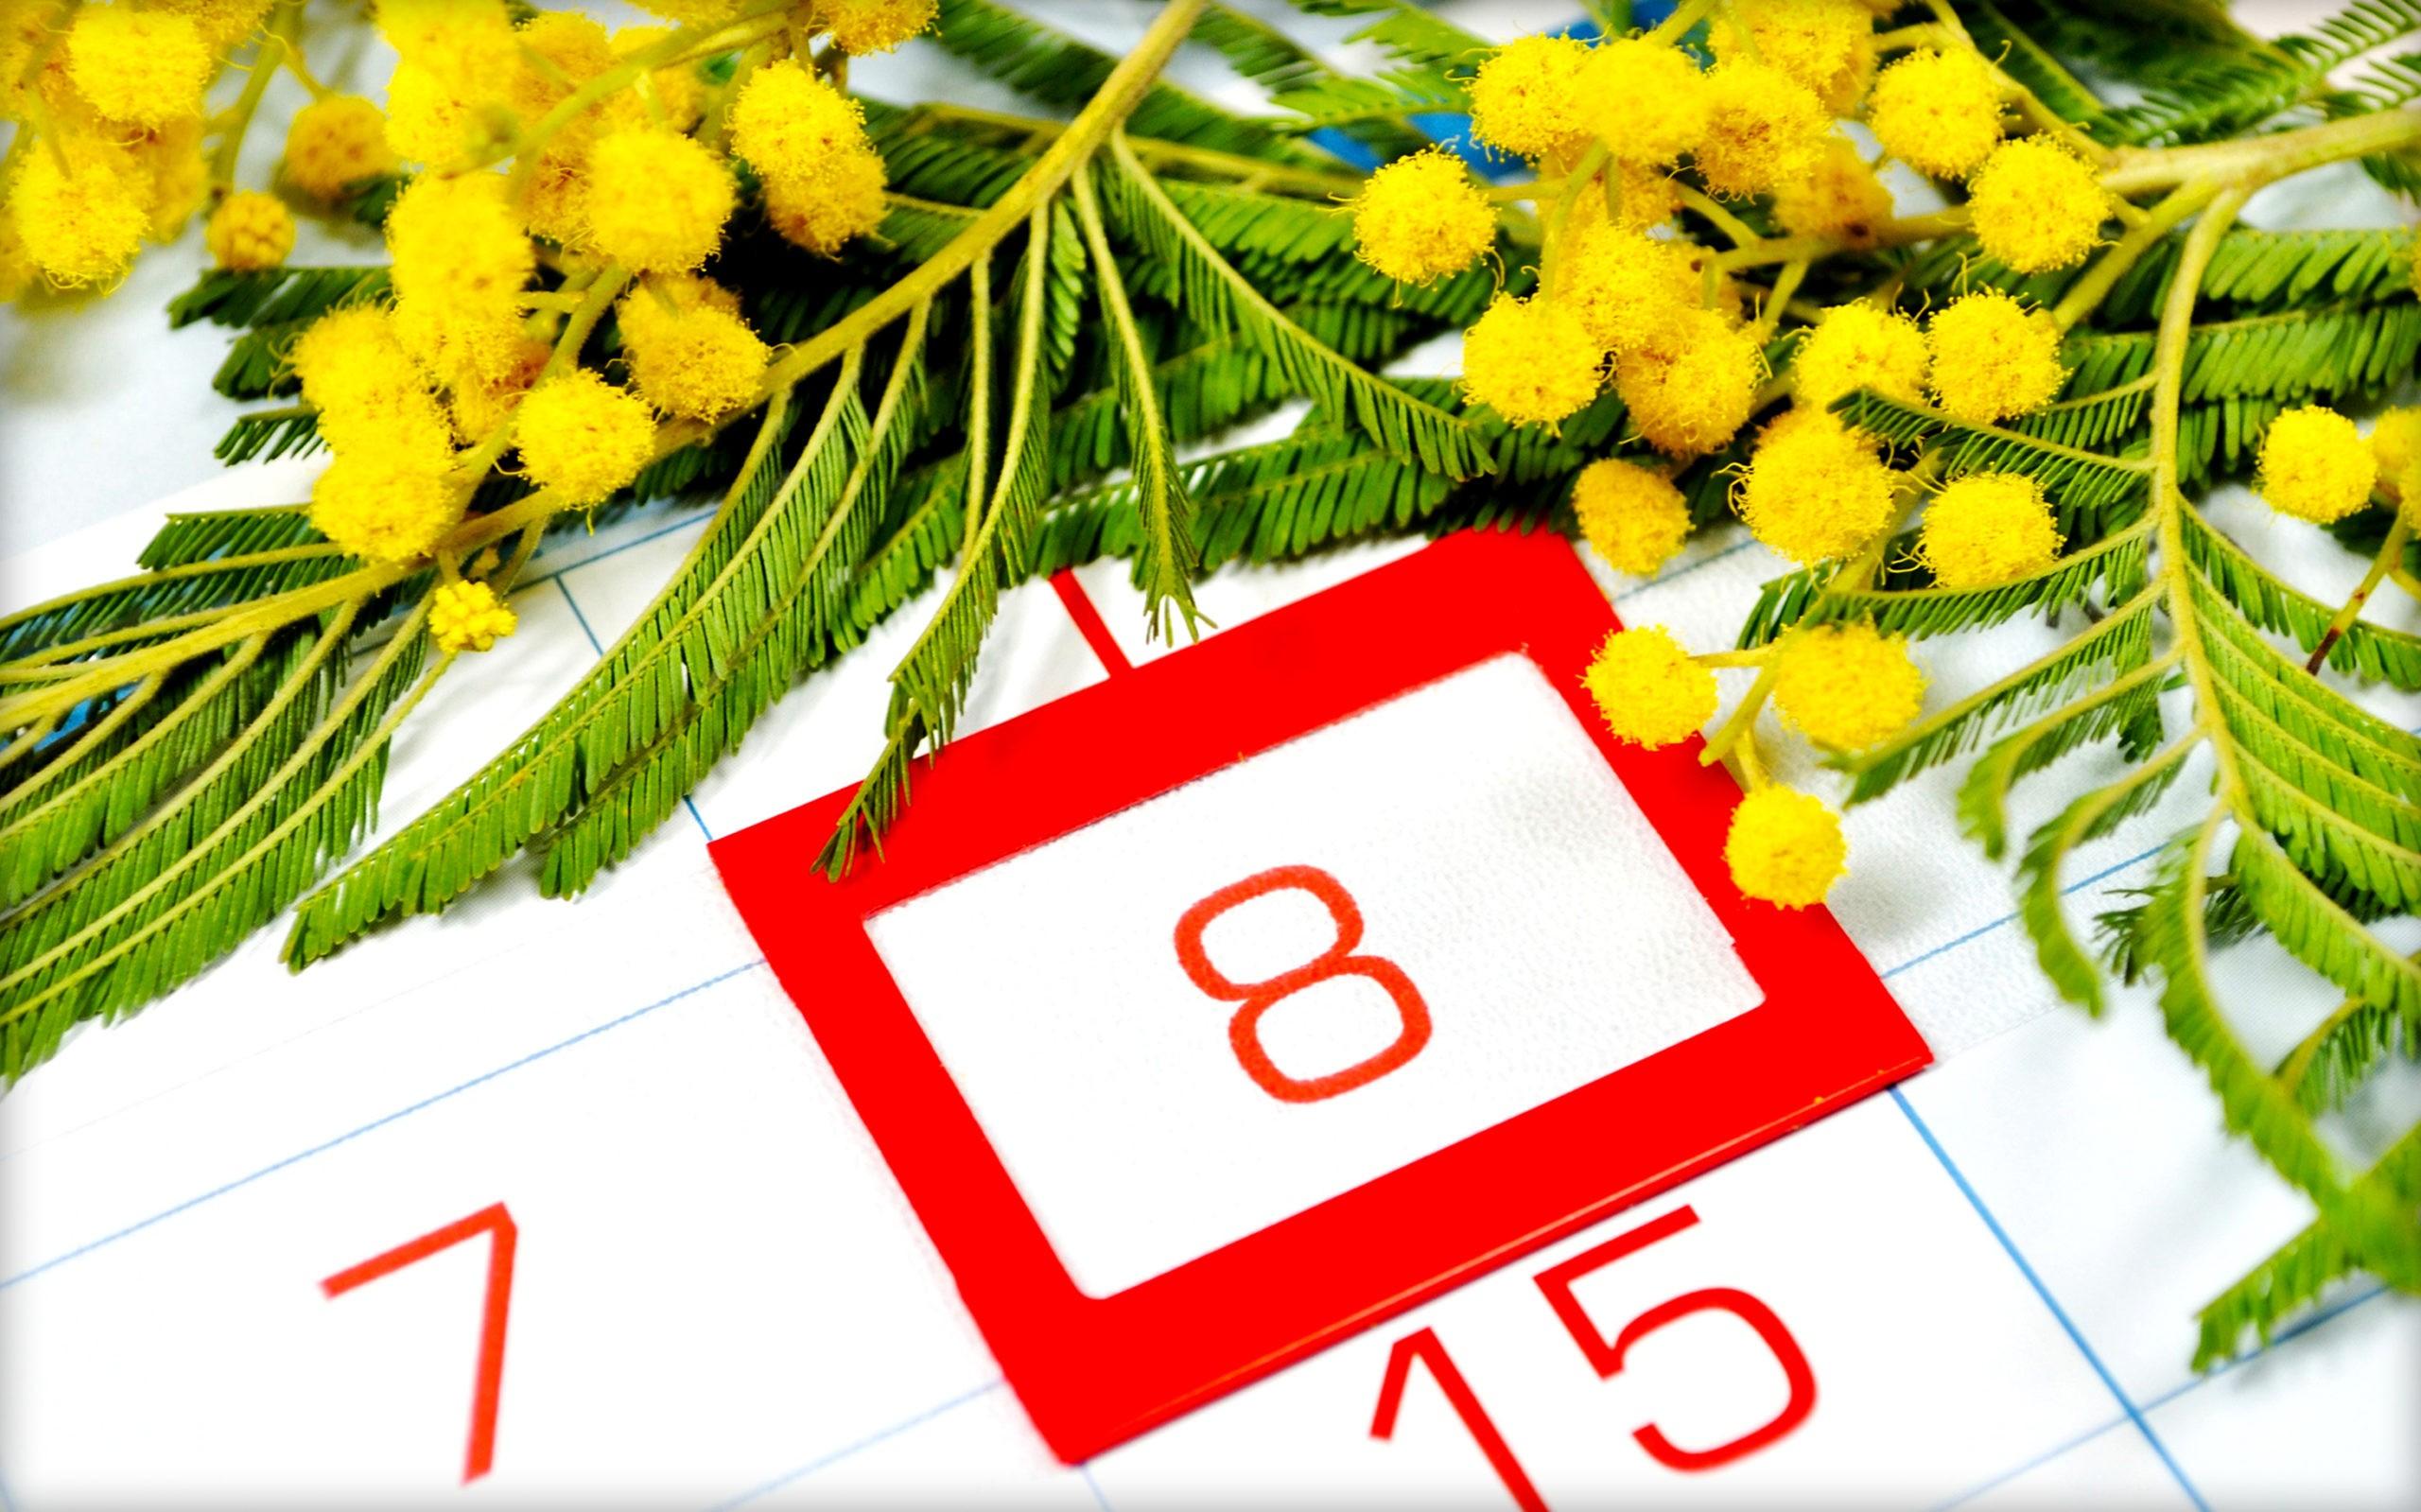 8 марта – Международный женский день. История праздника, когда появился, традиции, как празднуют, фото и видео